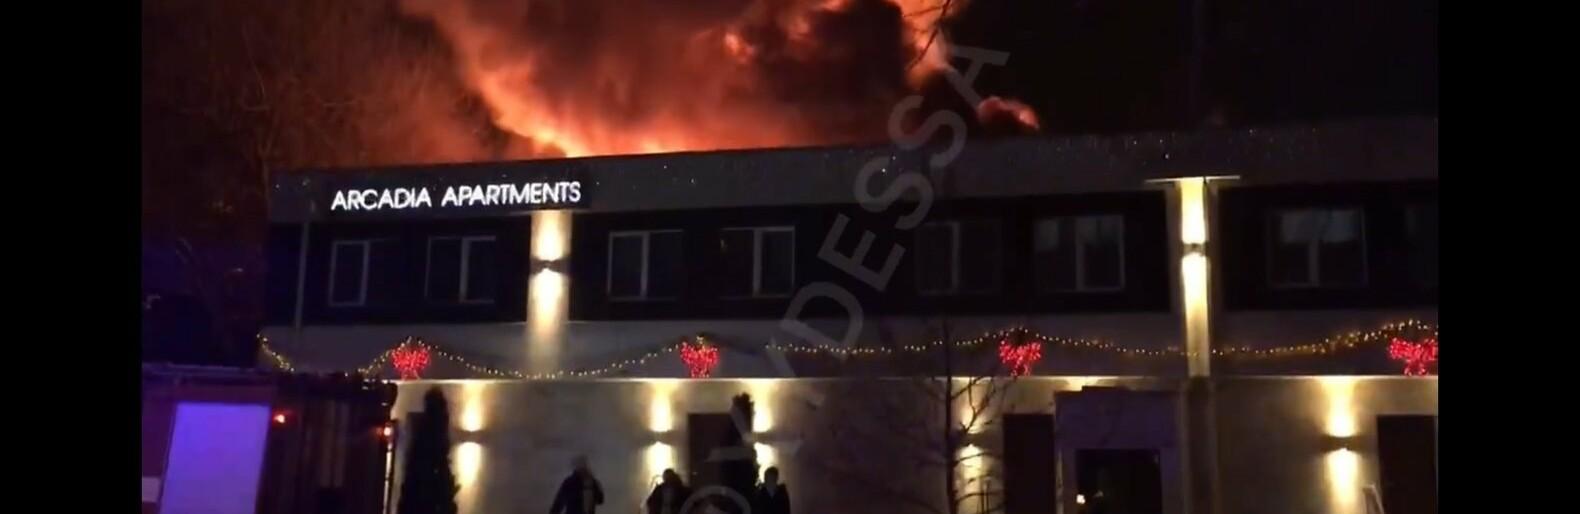 Пожар в Одессе: сейчас на Посмитного пылает дом, - ФОТО, ВИДЕО, ОБН...0